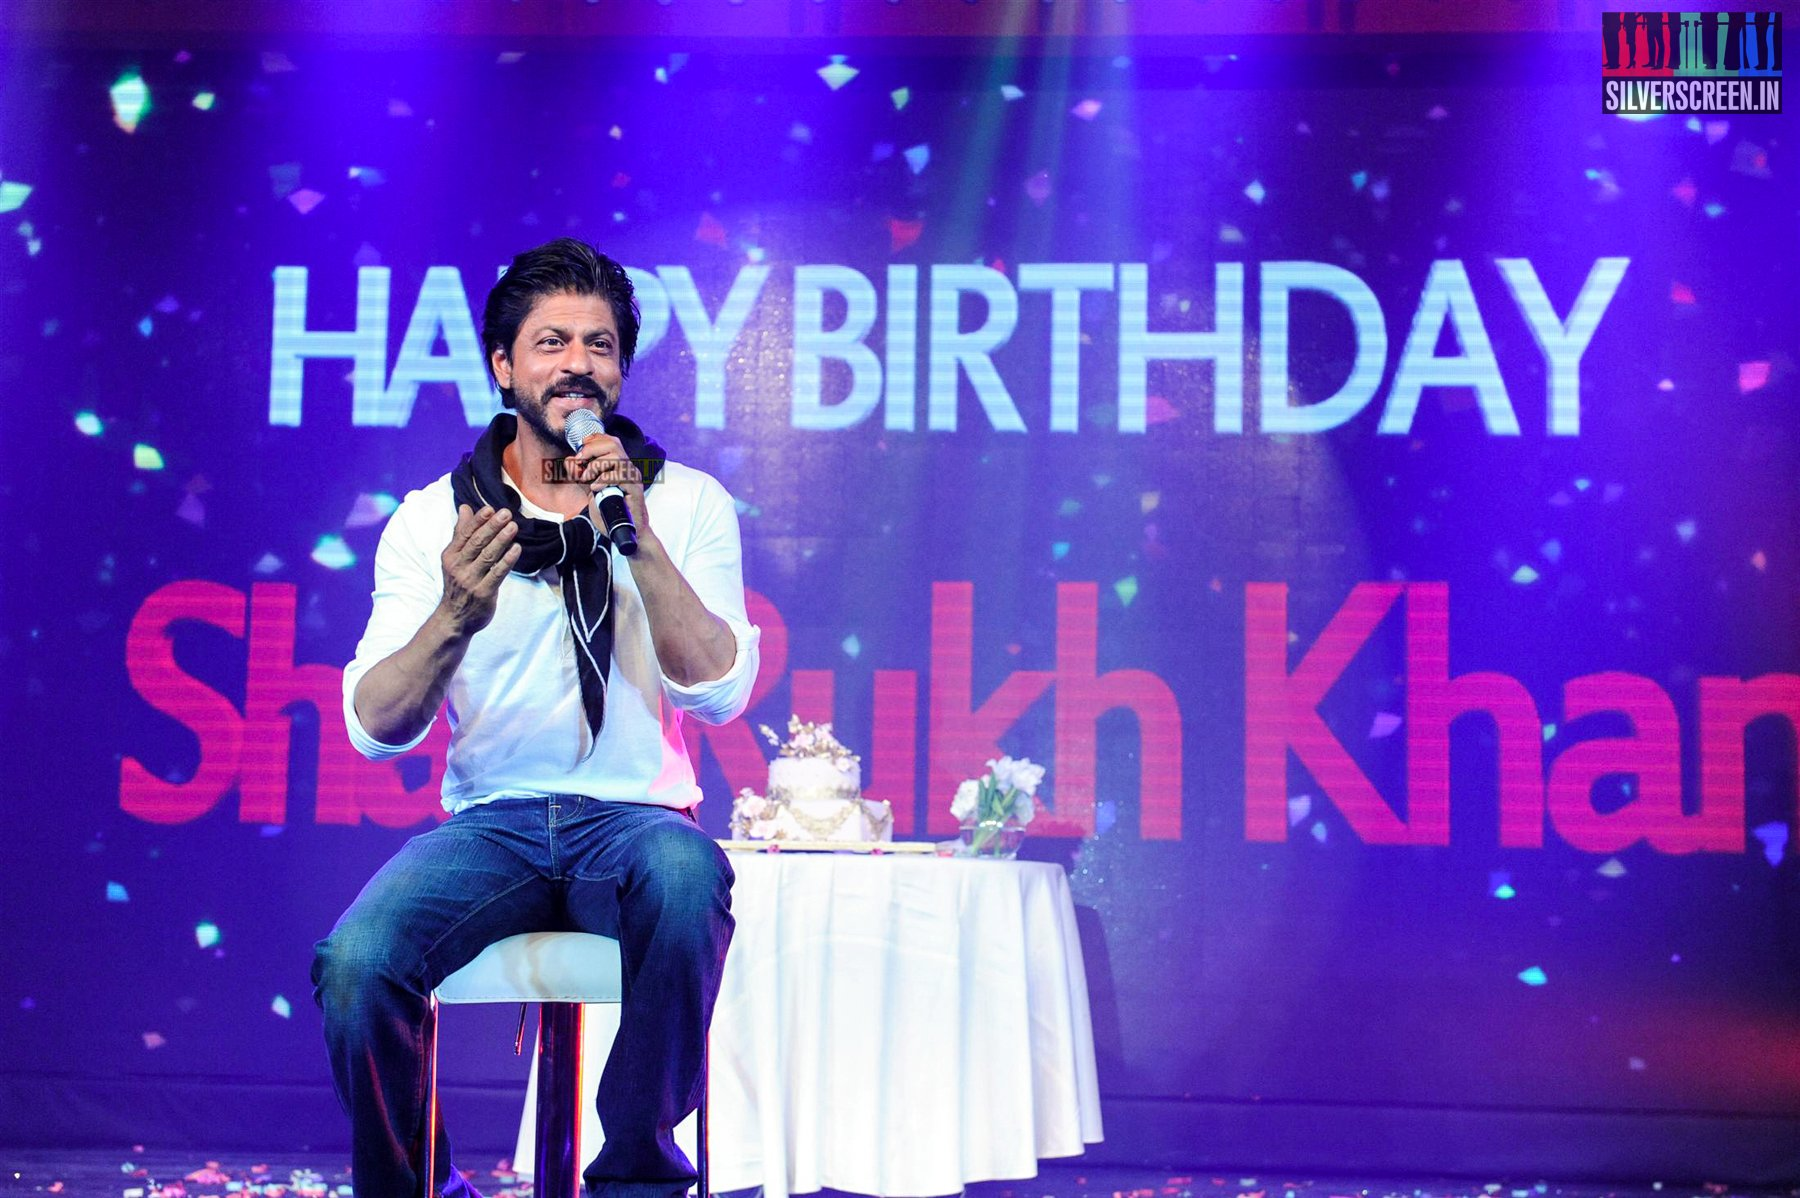 Shahrukh Khan 50th Bir...